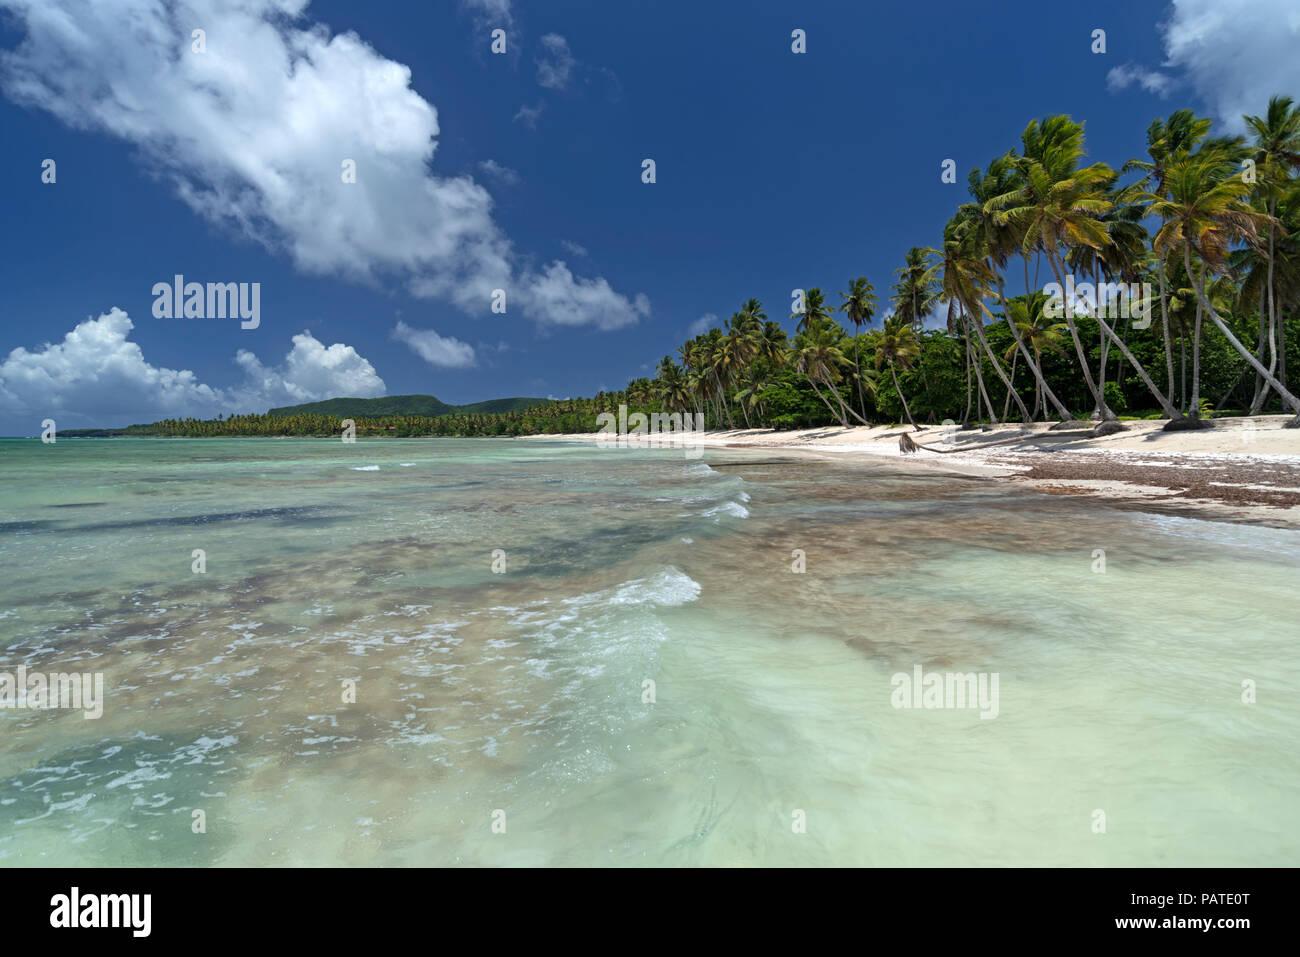 Tropical spiaggia dei Caraibi nella Repubblica Dominicana Immagini Stock